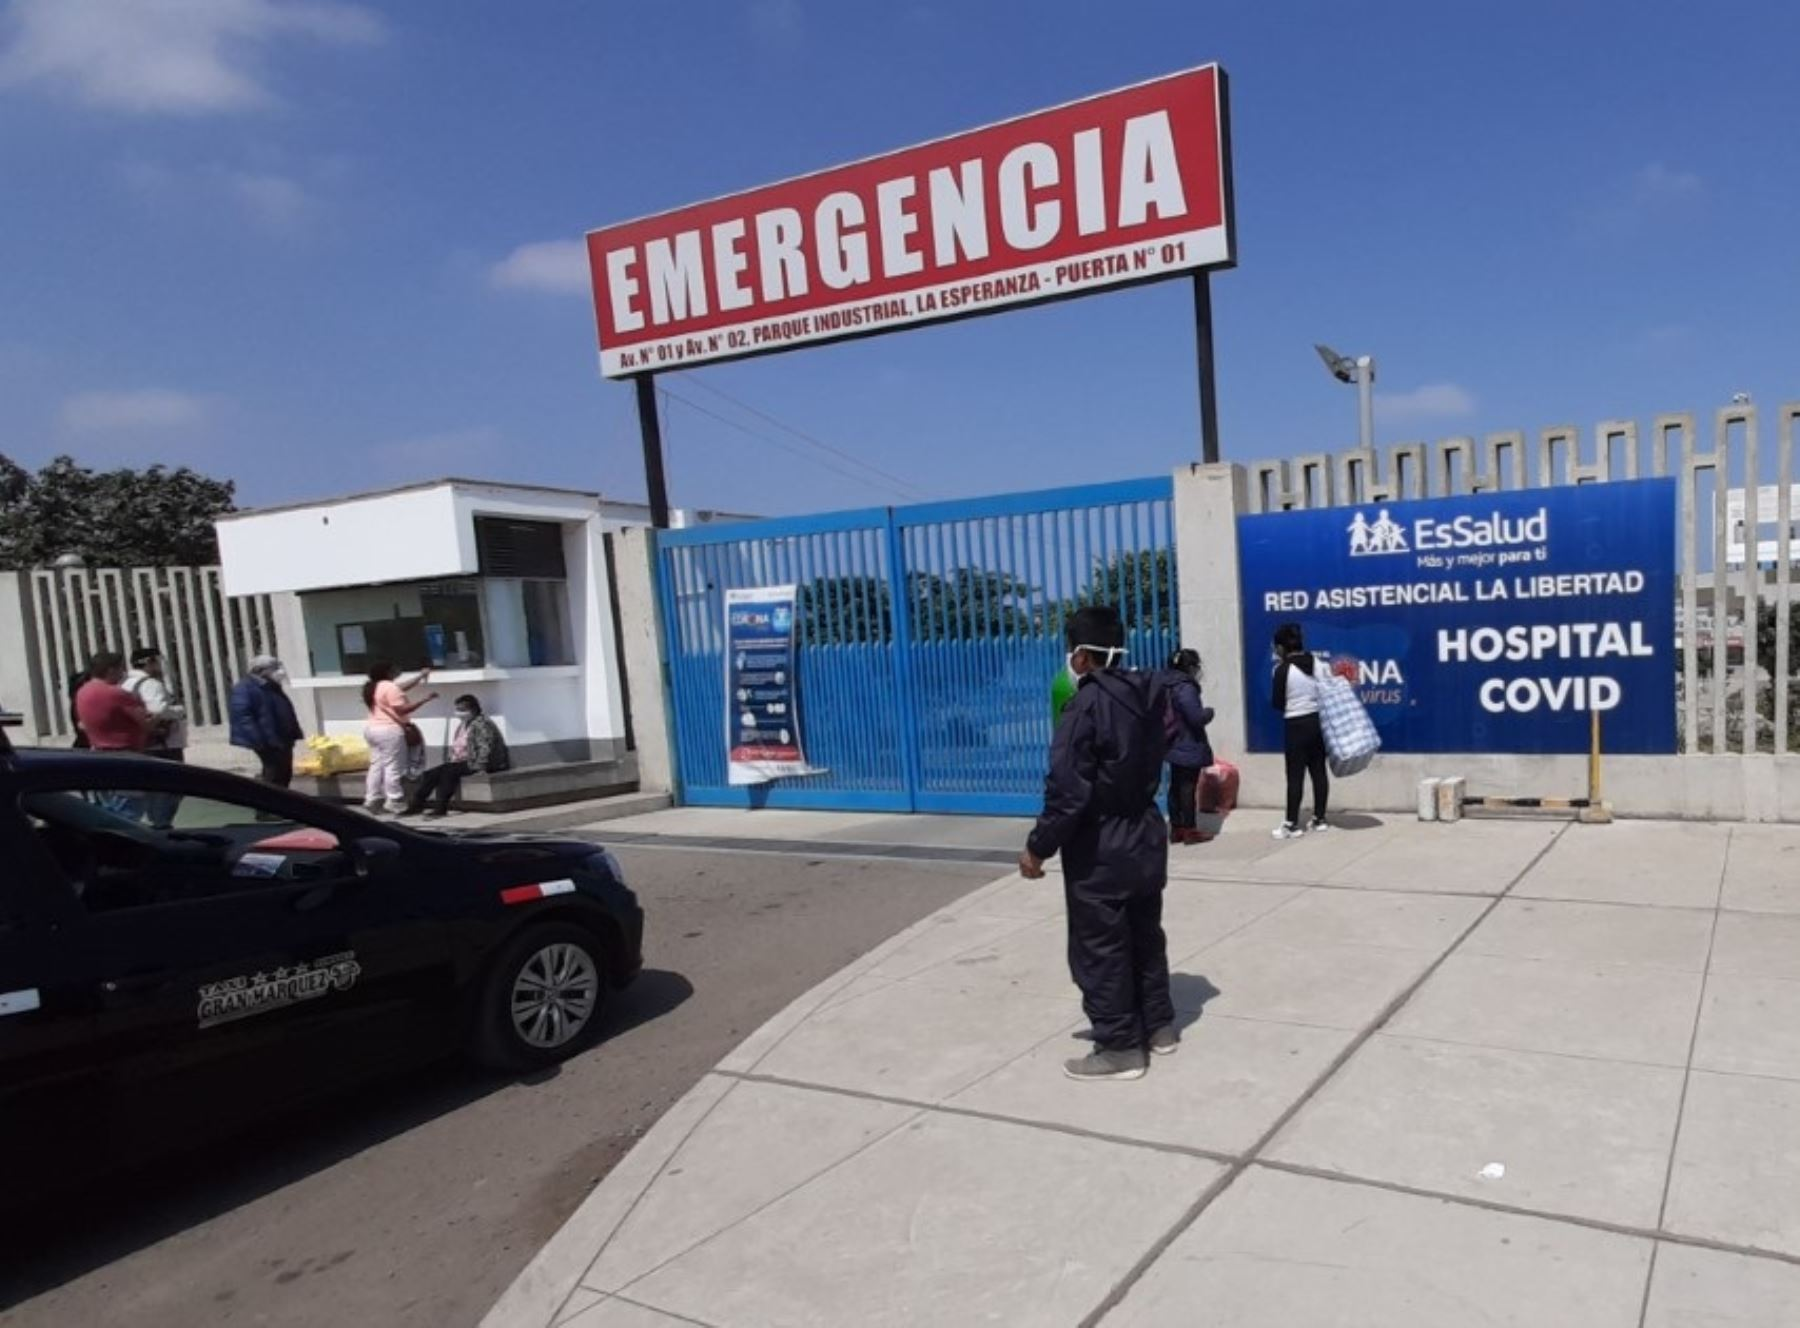 Región La Libertad reportó 19 fallecidos por coronavirus (covid-19) en las últimas 24 horas, el registró más alto en lo que va del año, informó la Geresa. ANDINA/Difusión